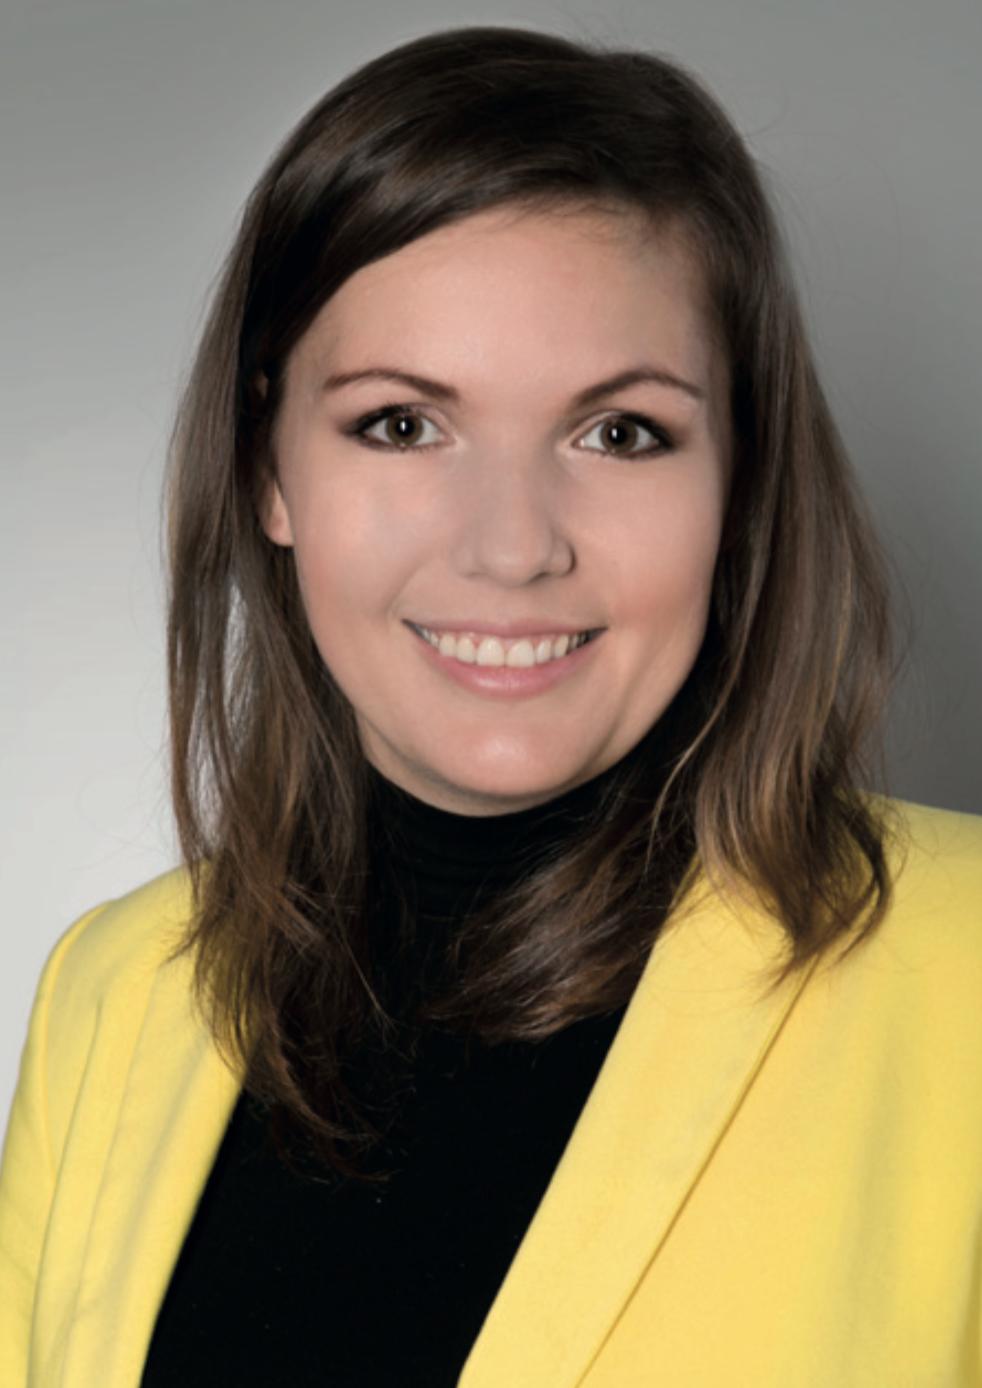 Lucie Flekova